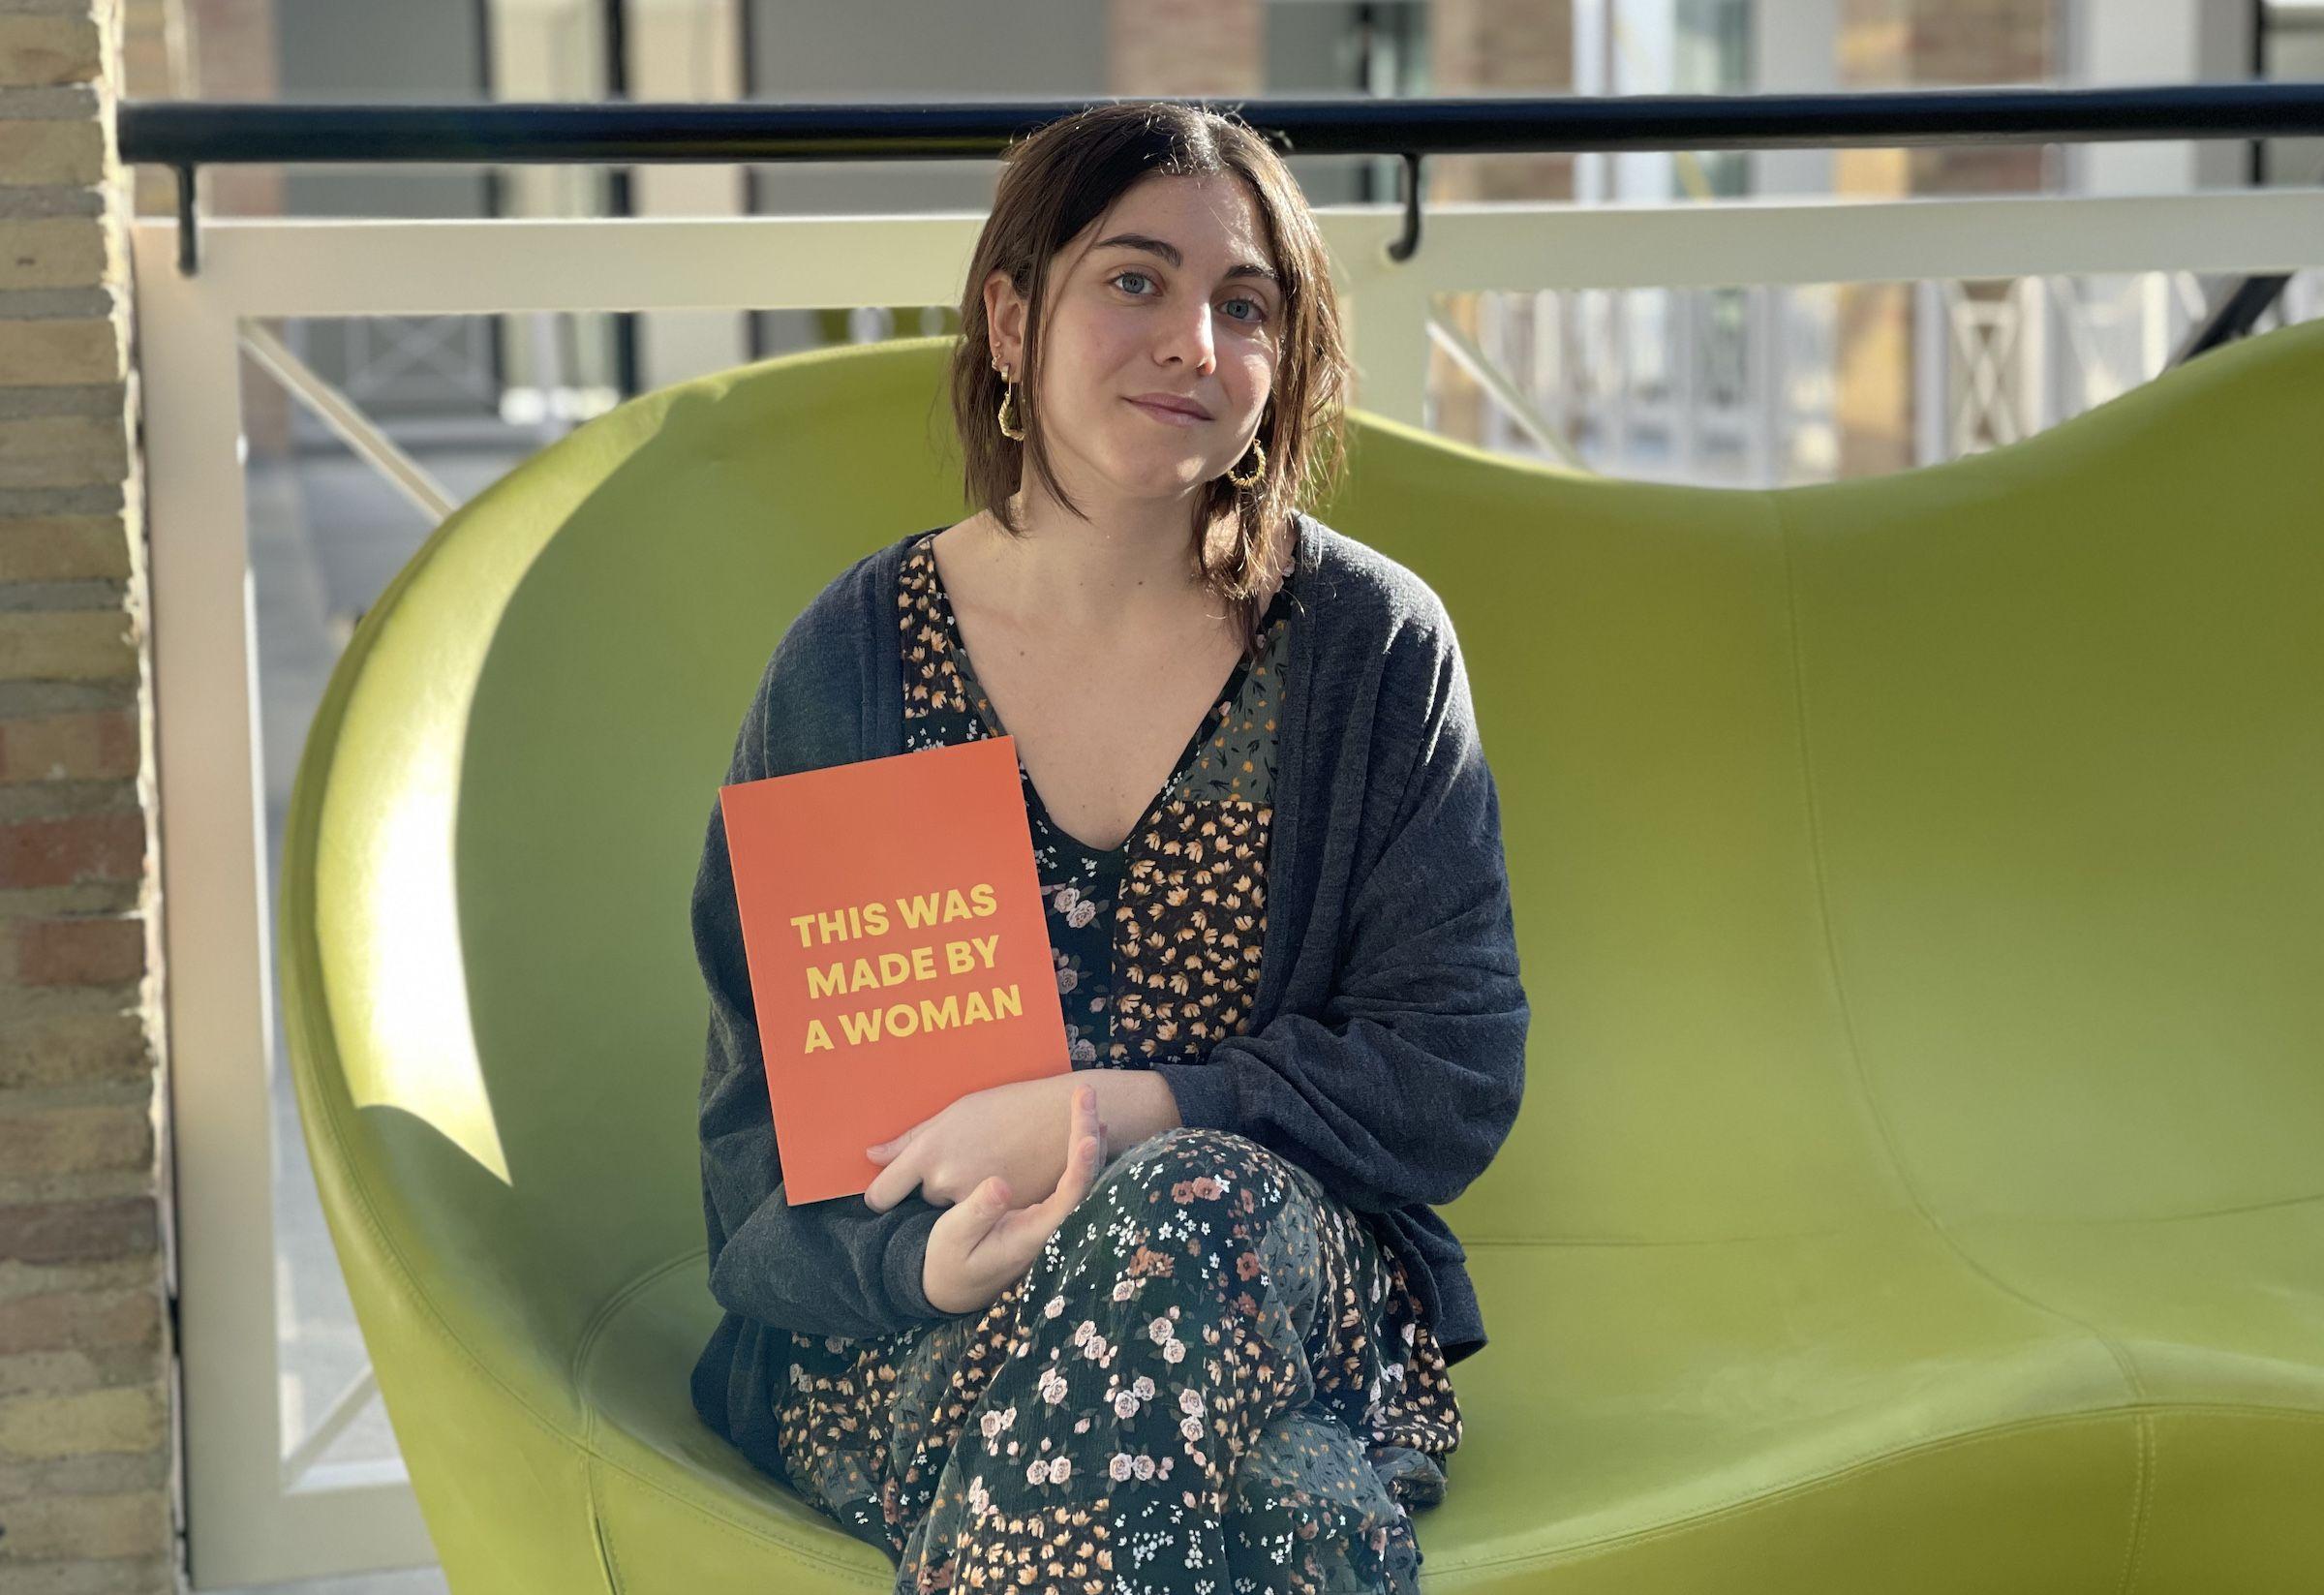 """Máster en Diseño y Comunicación Gráfica por la CEU UCH, Sara Antolín colabora en la sección """"Diseño en Femenino"""", de Valencia Capital Mundial del Diseño (WDCV 2022)."""